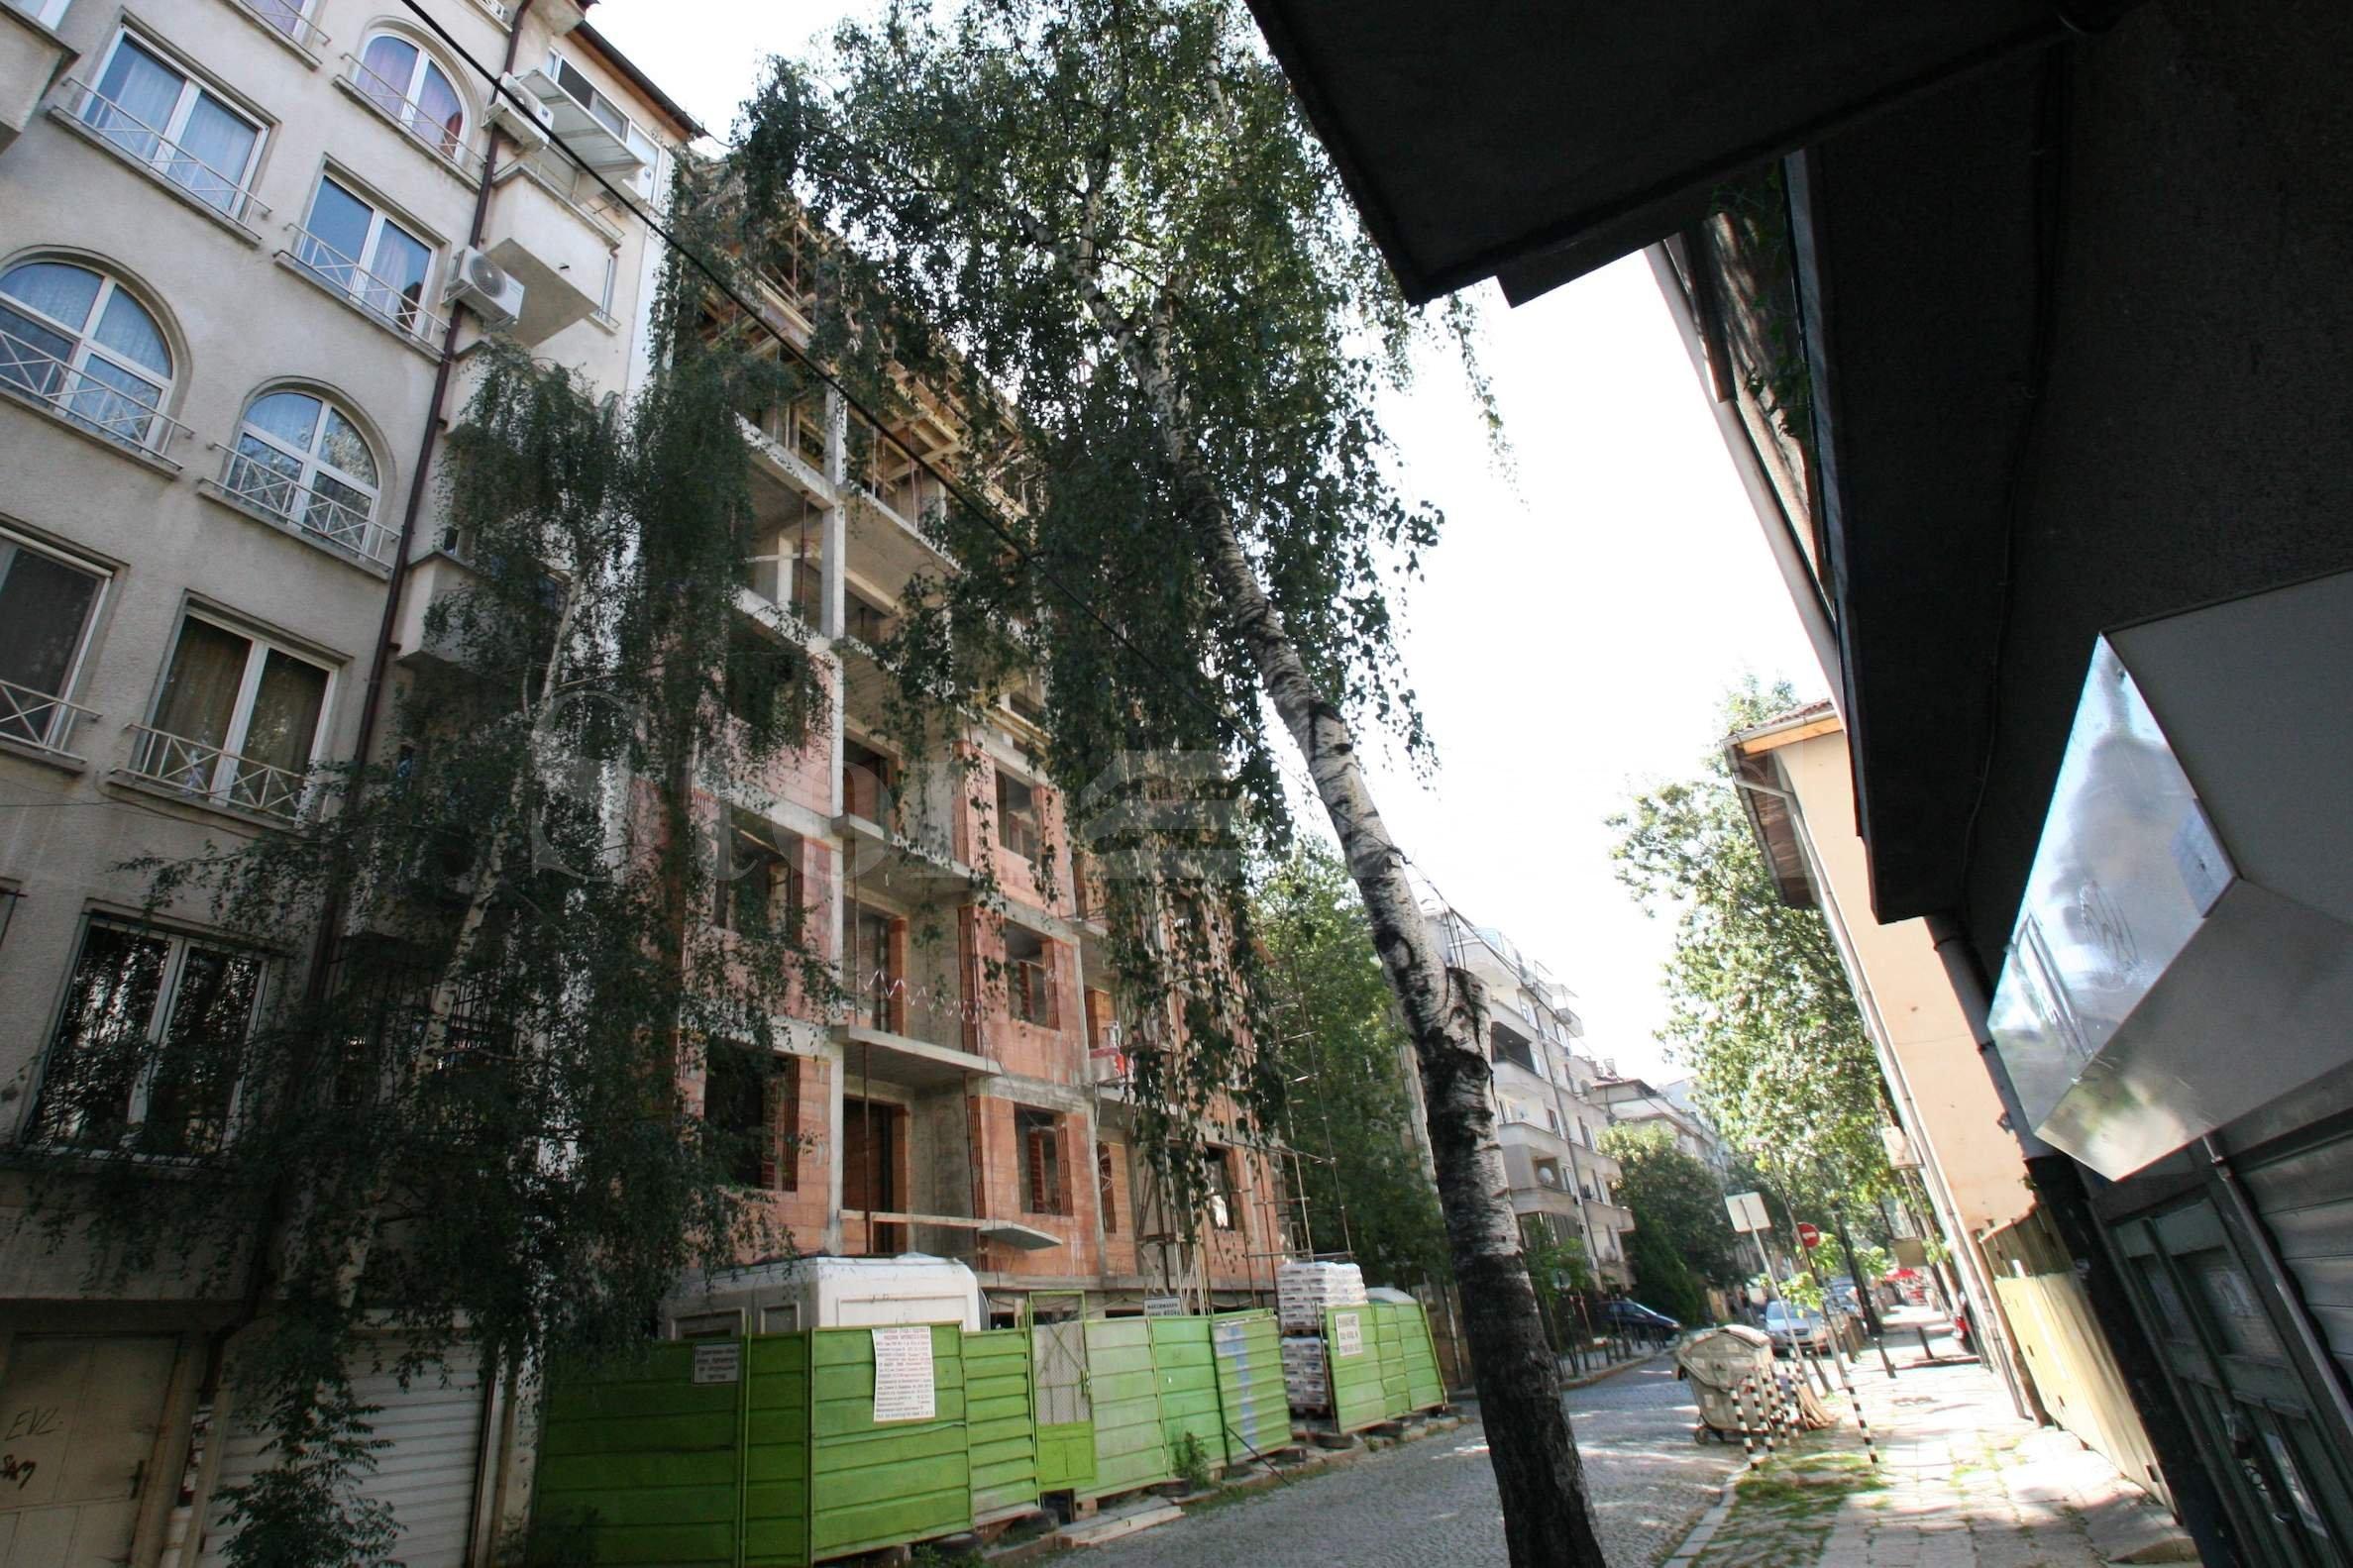 Апартаменти с паркоместа, включени в цената на топ център София2 - Stonehard